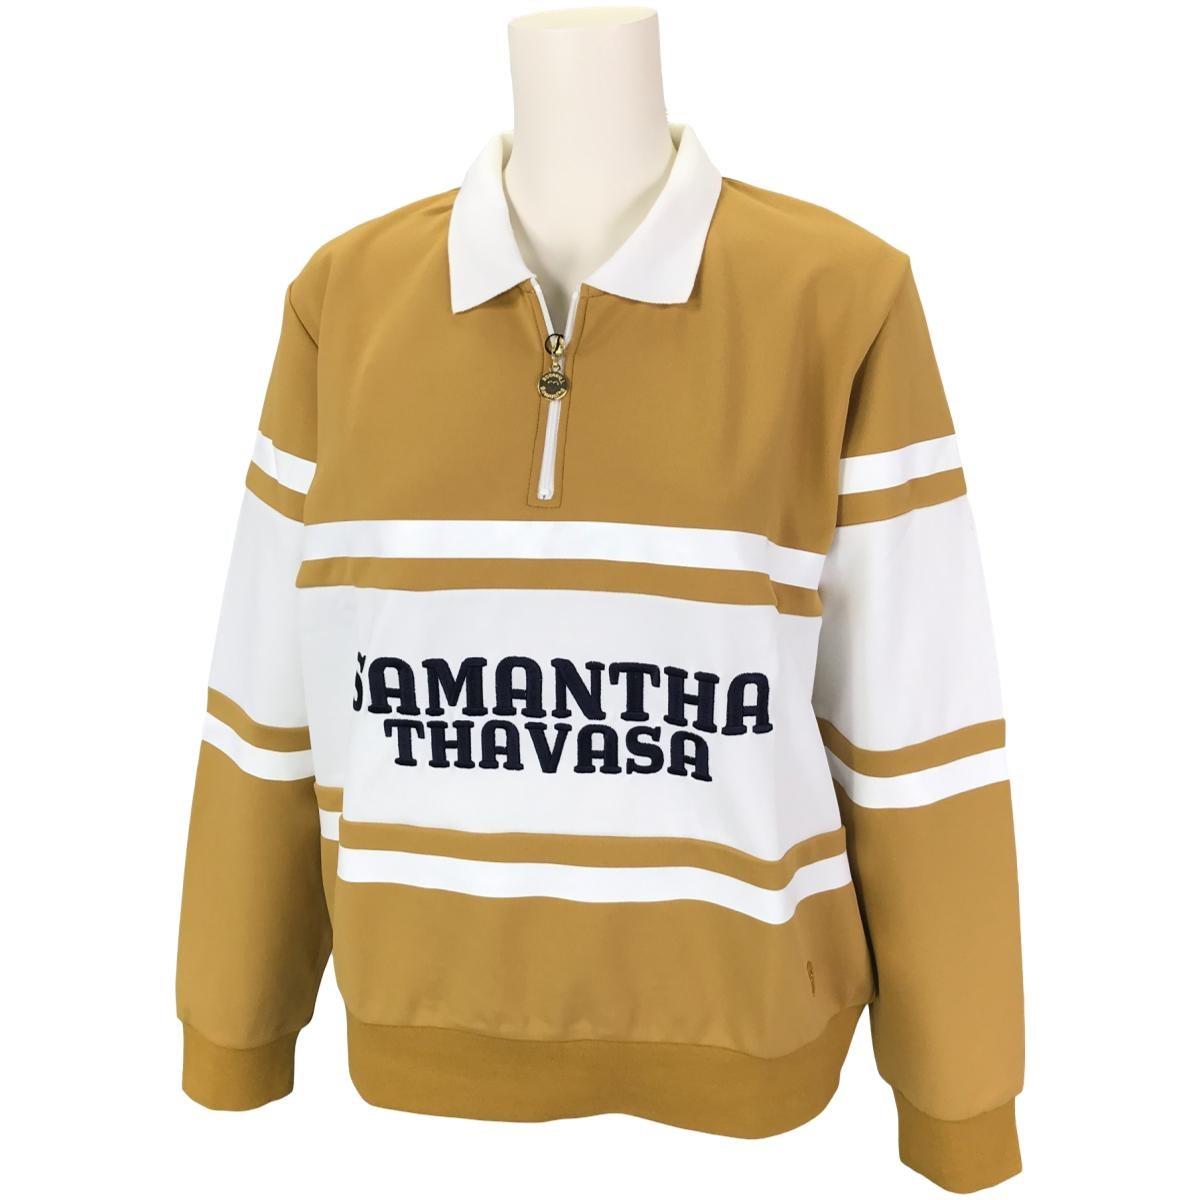 サマンサタバサ Samantha Thavasa UNDER25&No.7 ストレッチラガー長袖ポロシャツ 36 マスタード レディス